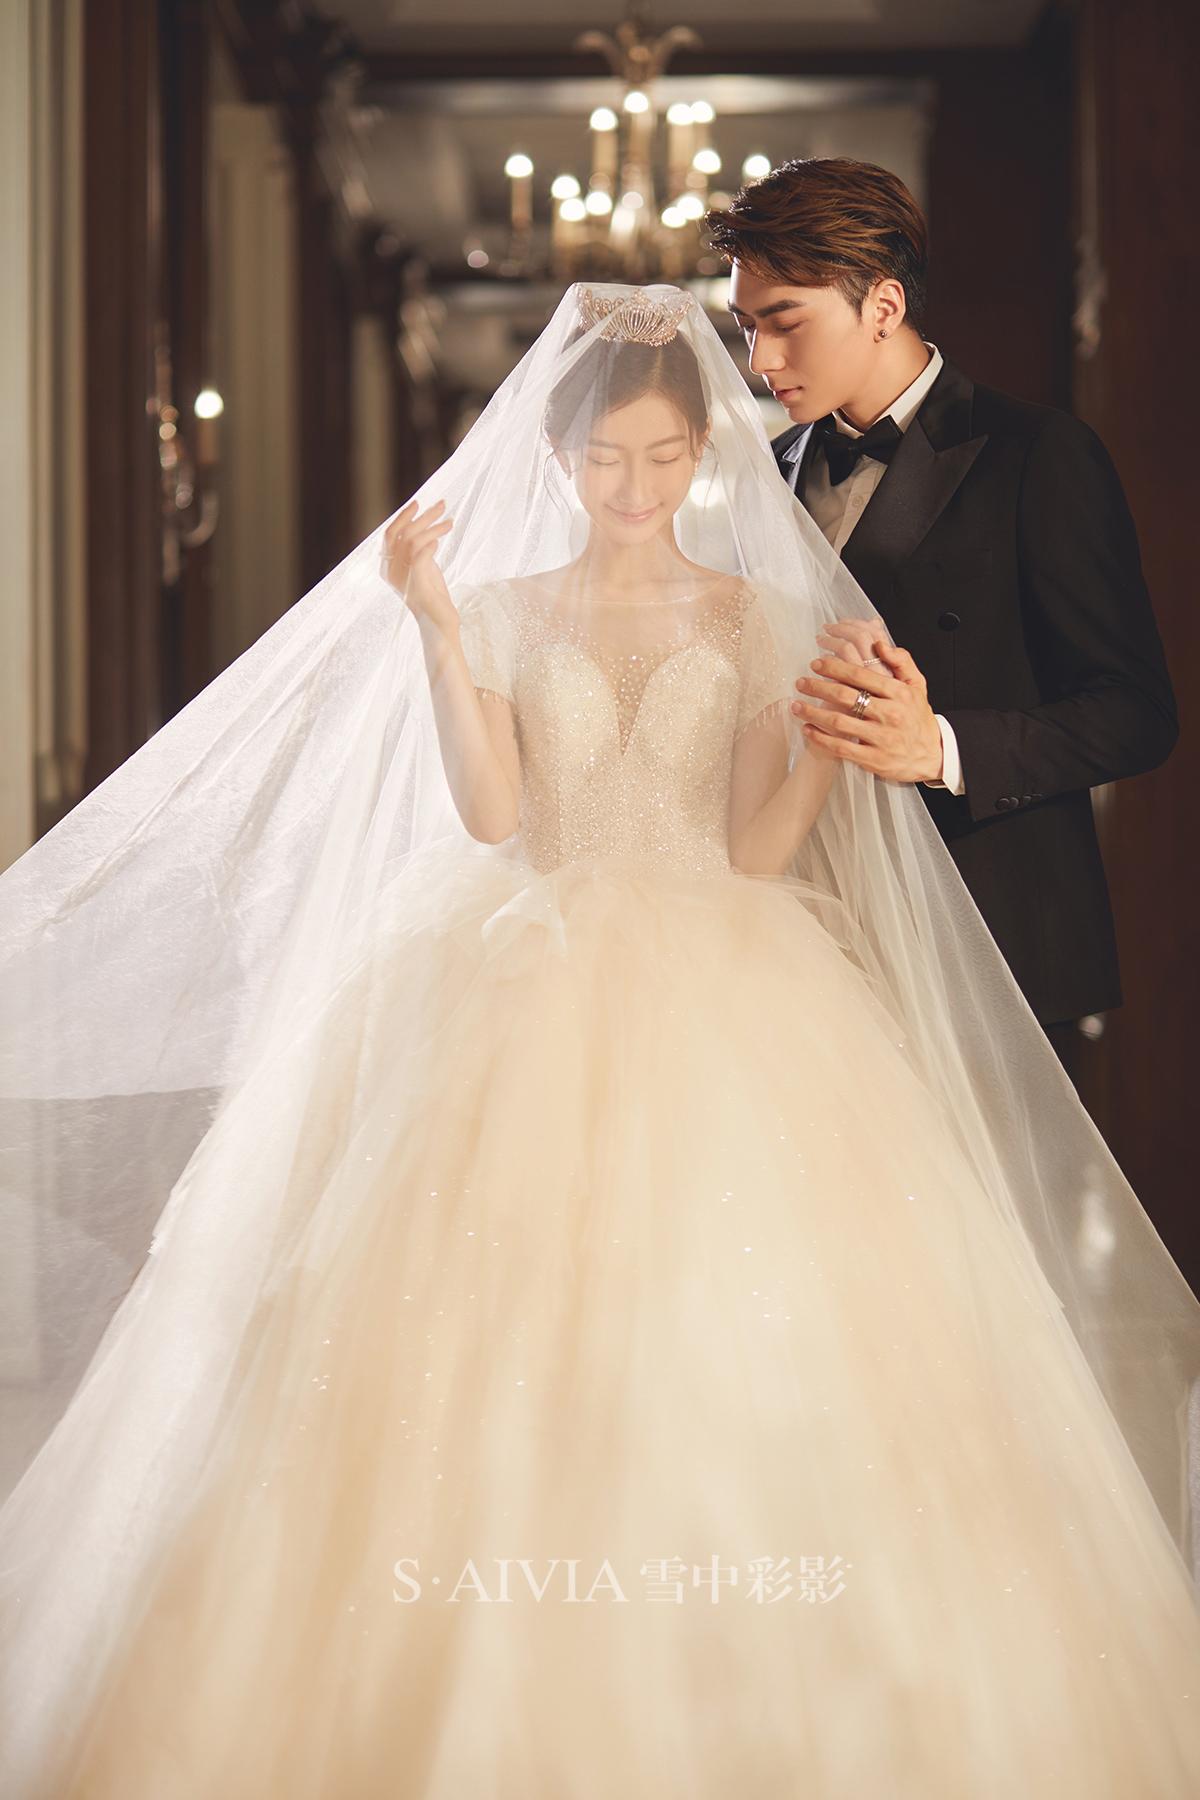 安吉莉卡的婚礼